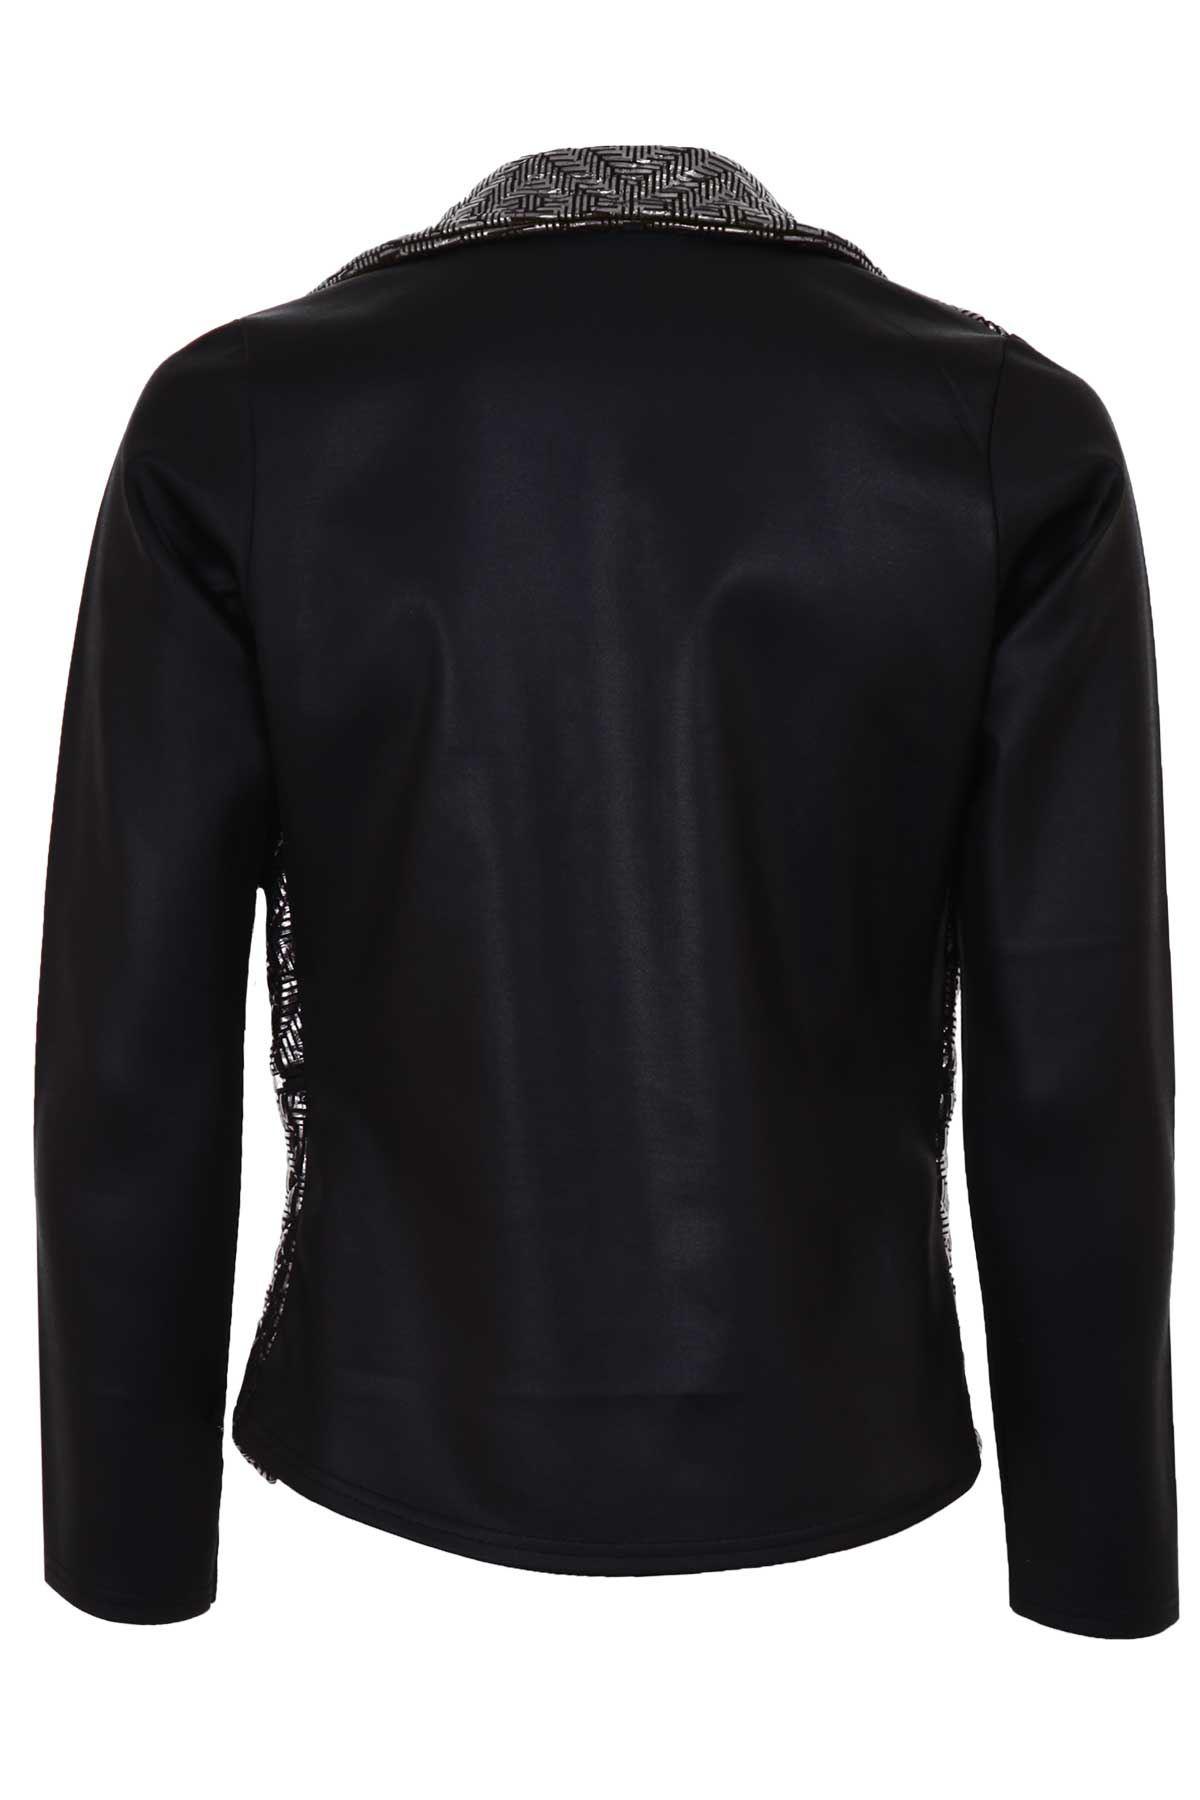 Ladies Metallic Quilted PVC Wet Look Women's High Low Zip Smart Jacket Blazer